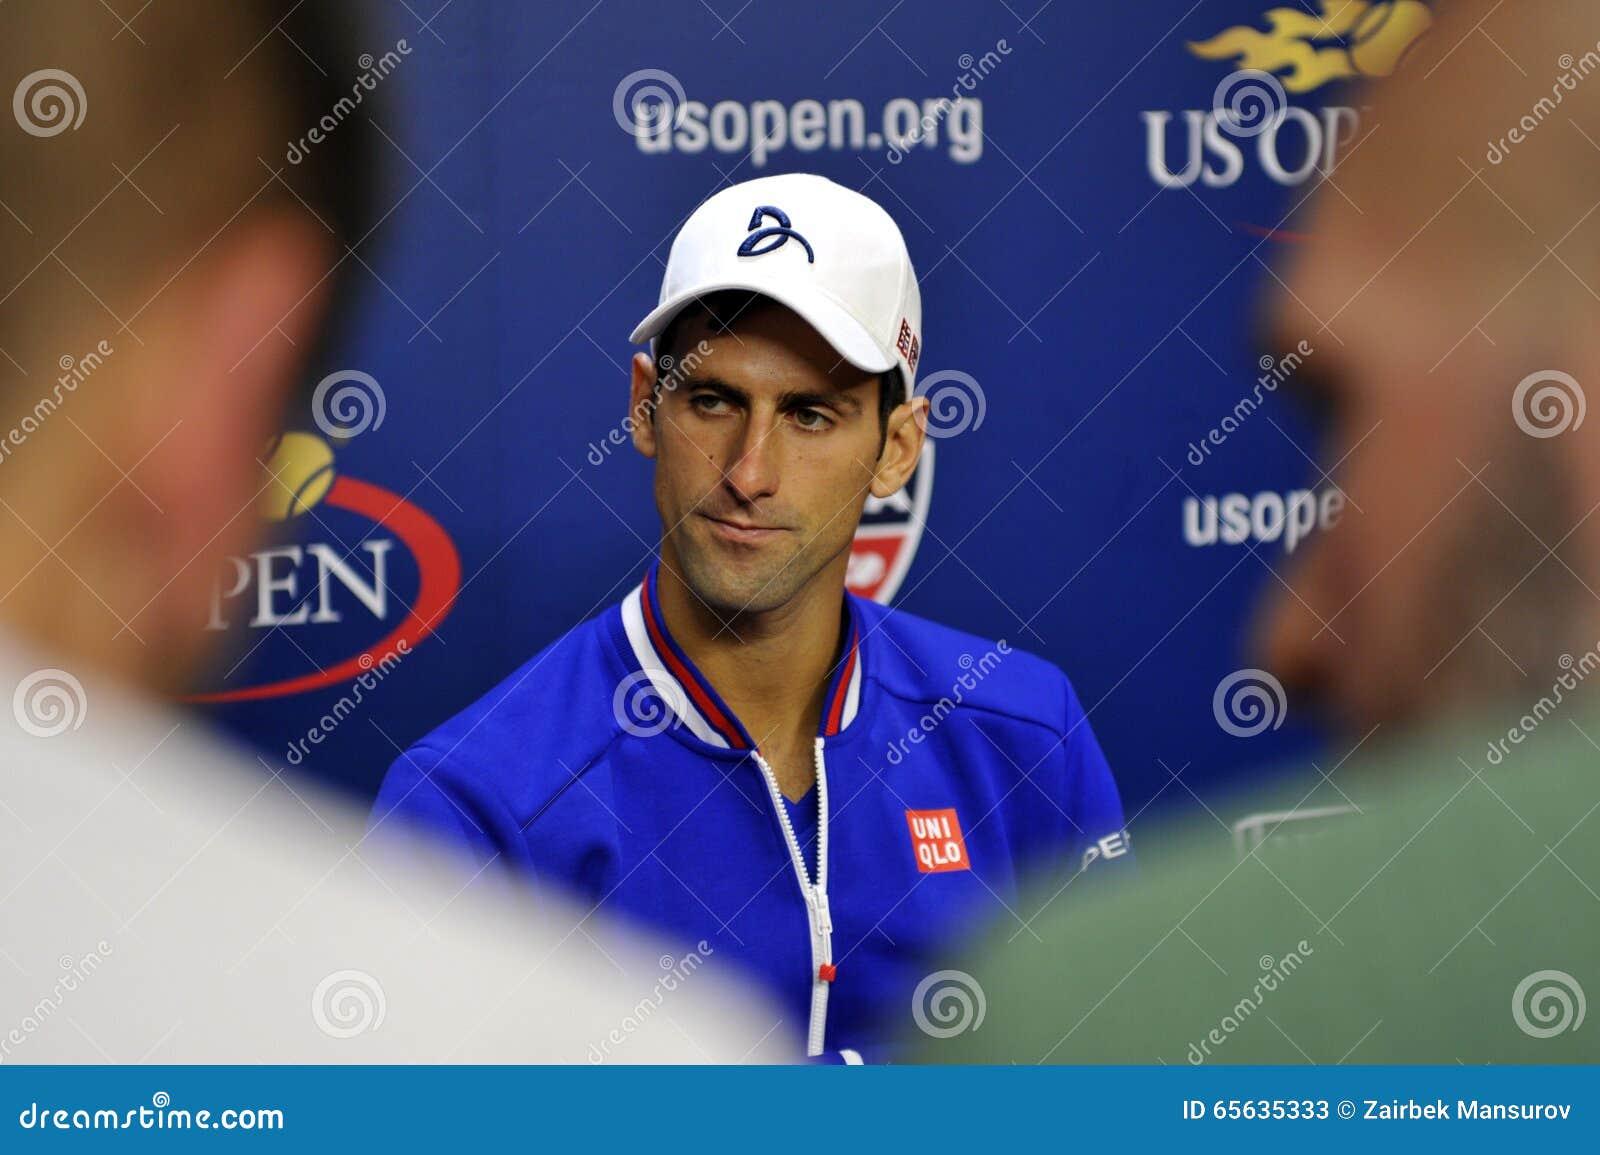 US Open 2015 (19) de Djokovic Novak